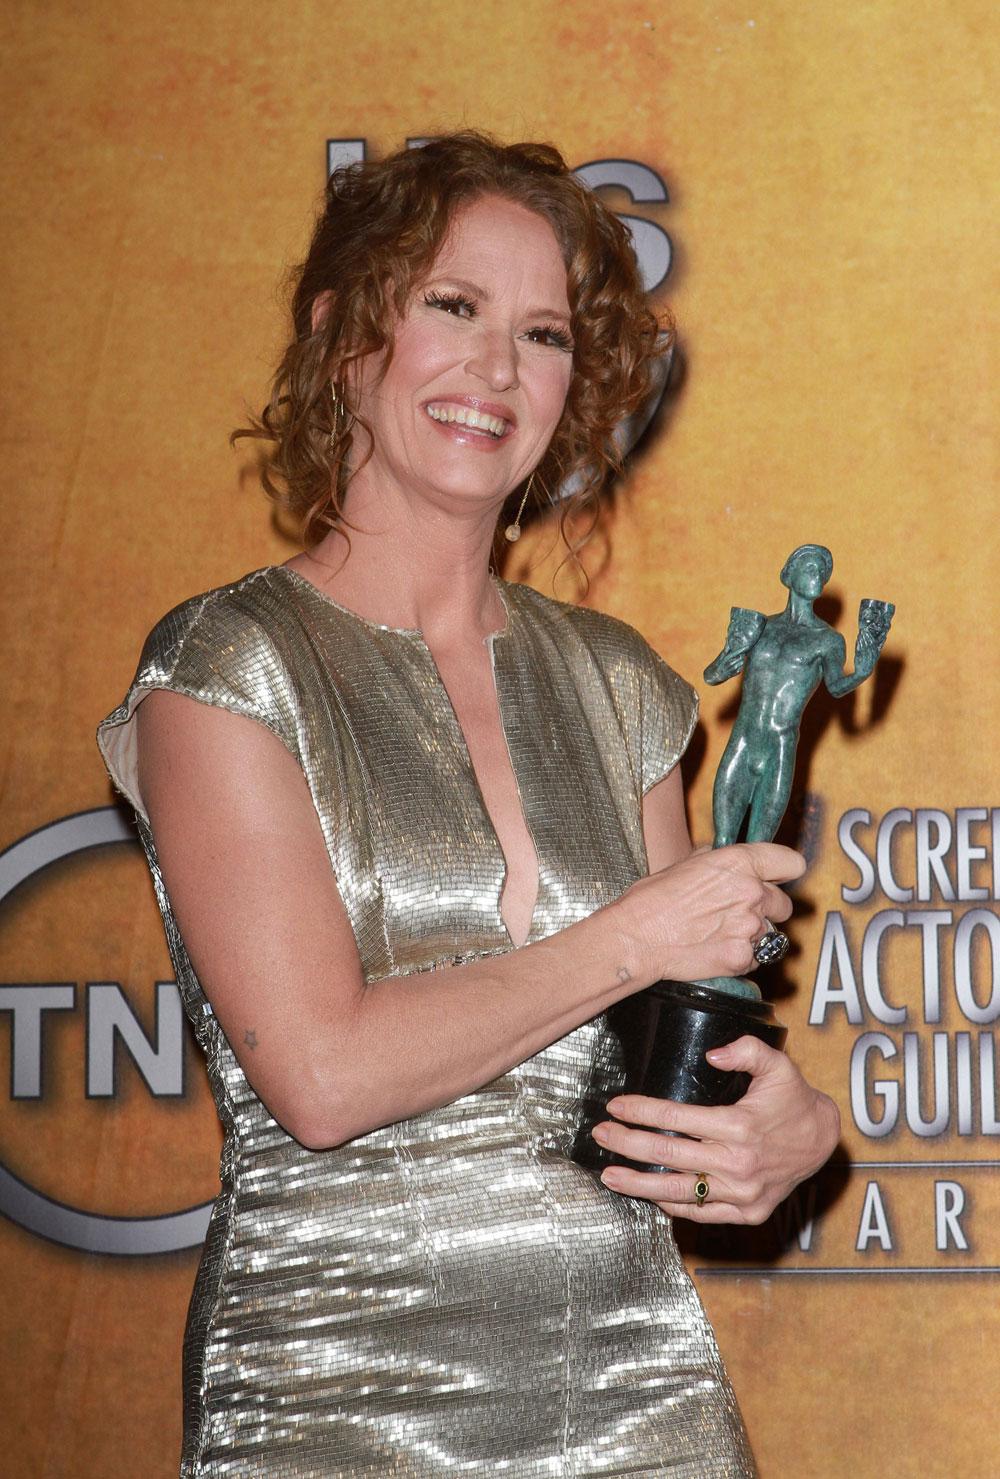 Home Screen Actors Guild Awards